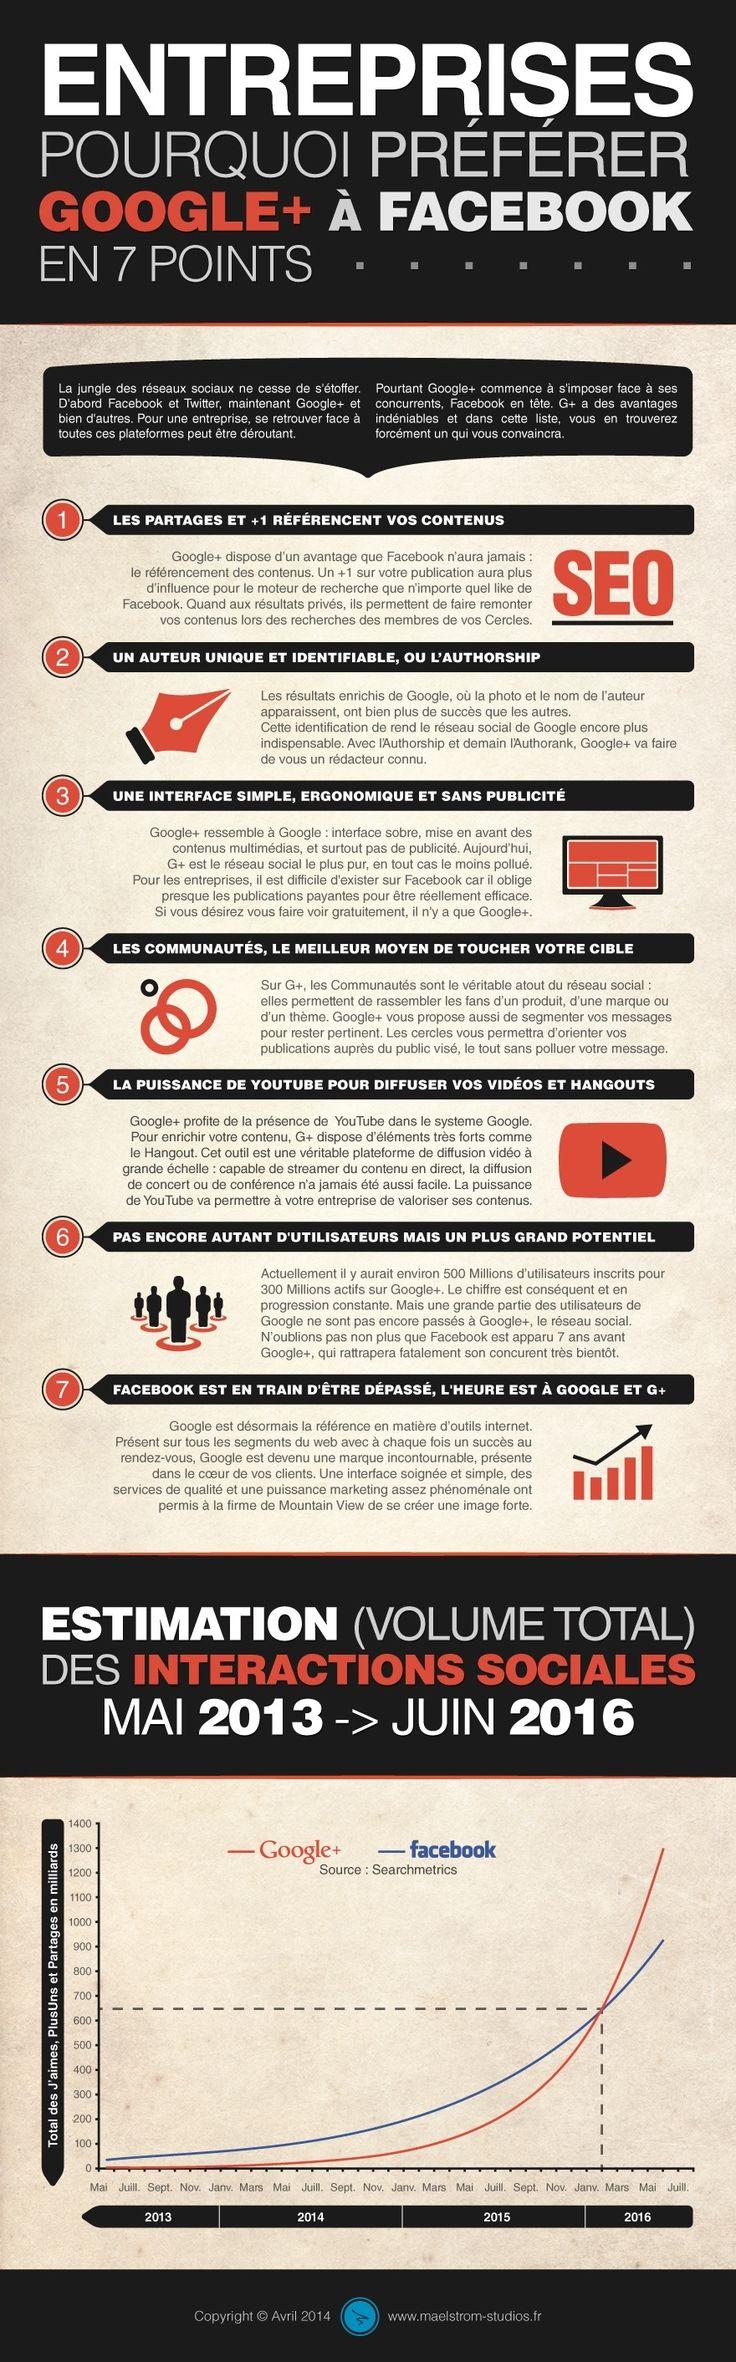 Réseau social de Google, Google+ devient aujourd'hui la référence pour les entreprises, devant Facebook. Nos explications en 7 points, avec une infographie.